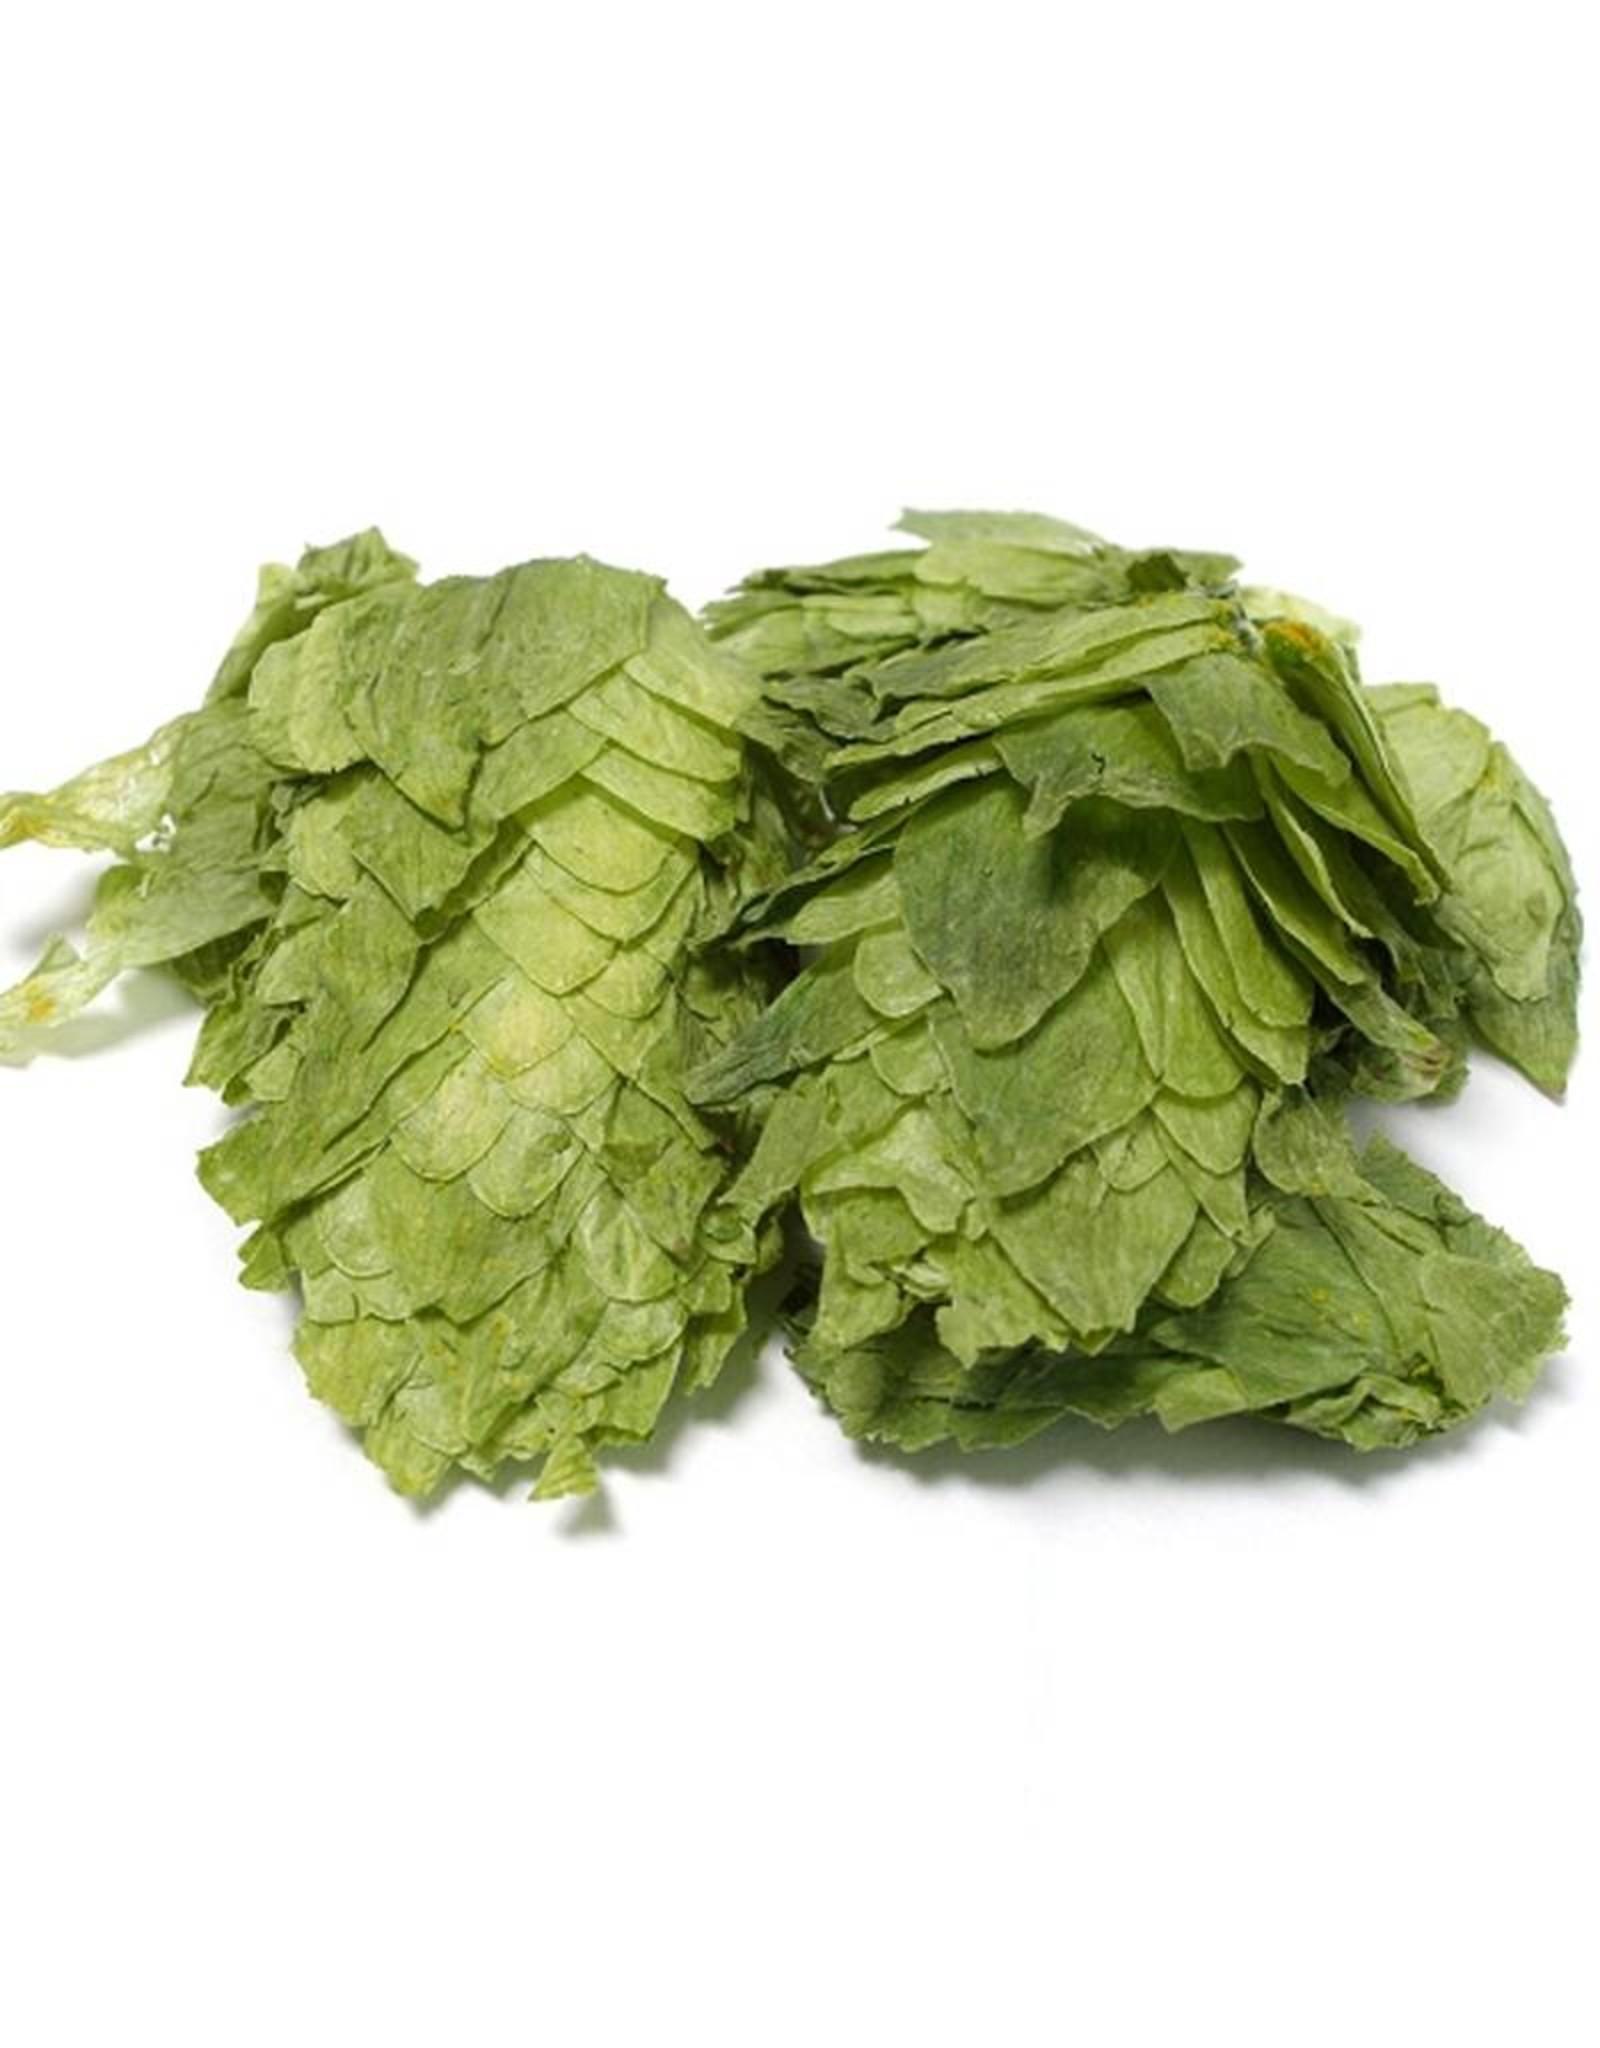 Willamette Leaf Hops  (1oz)